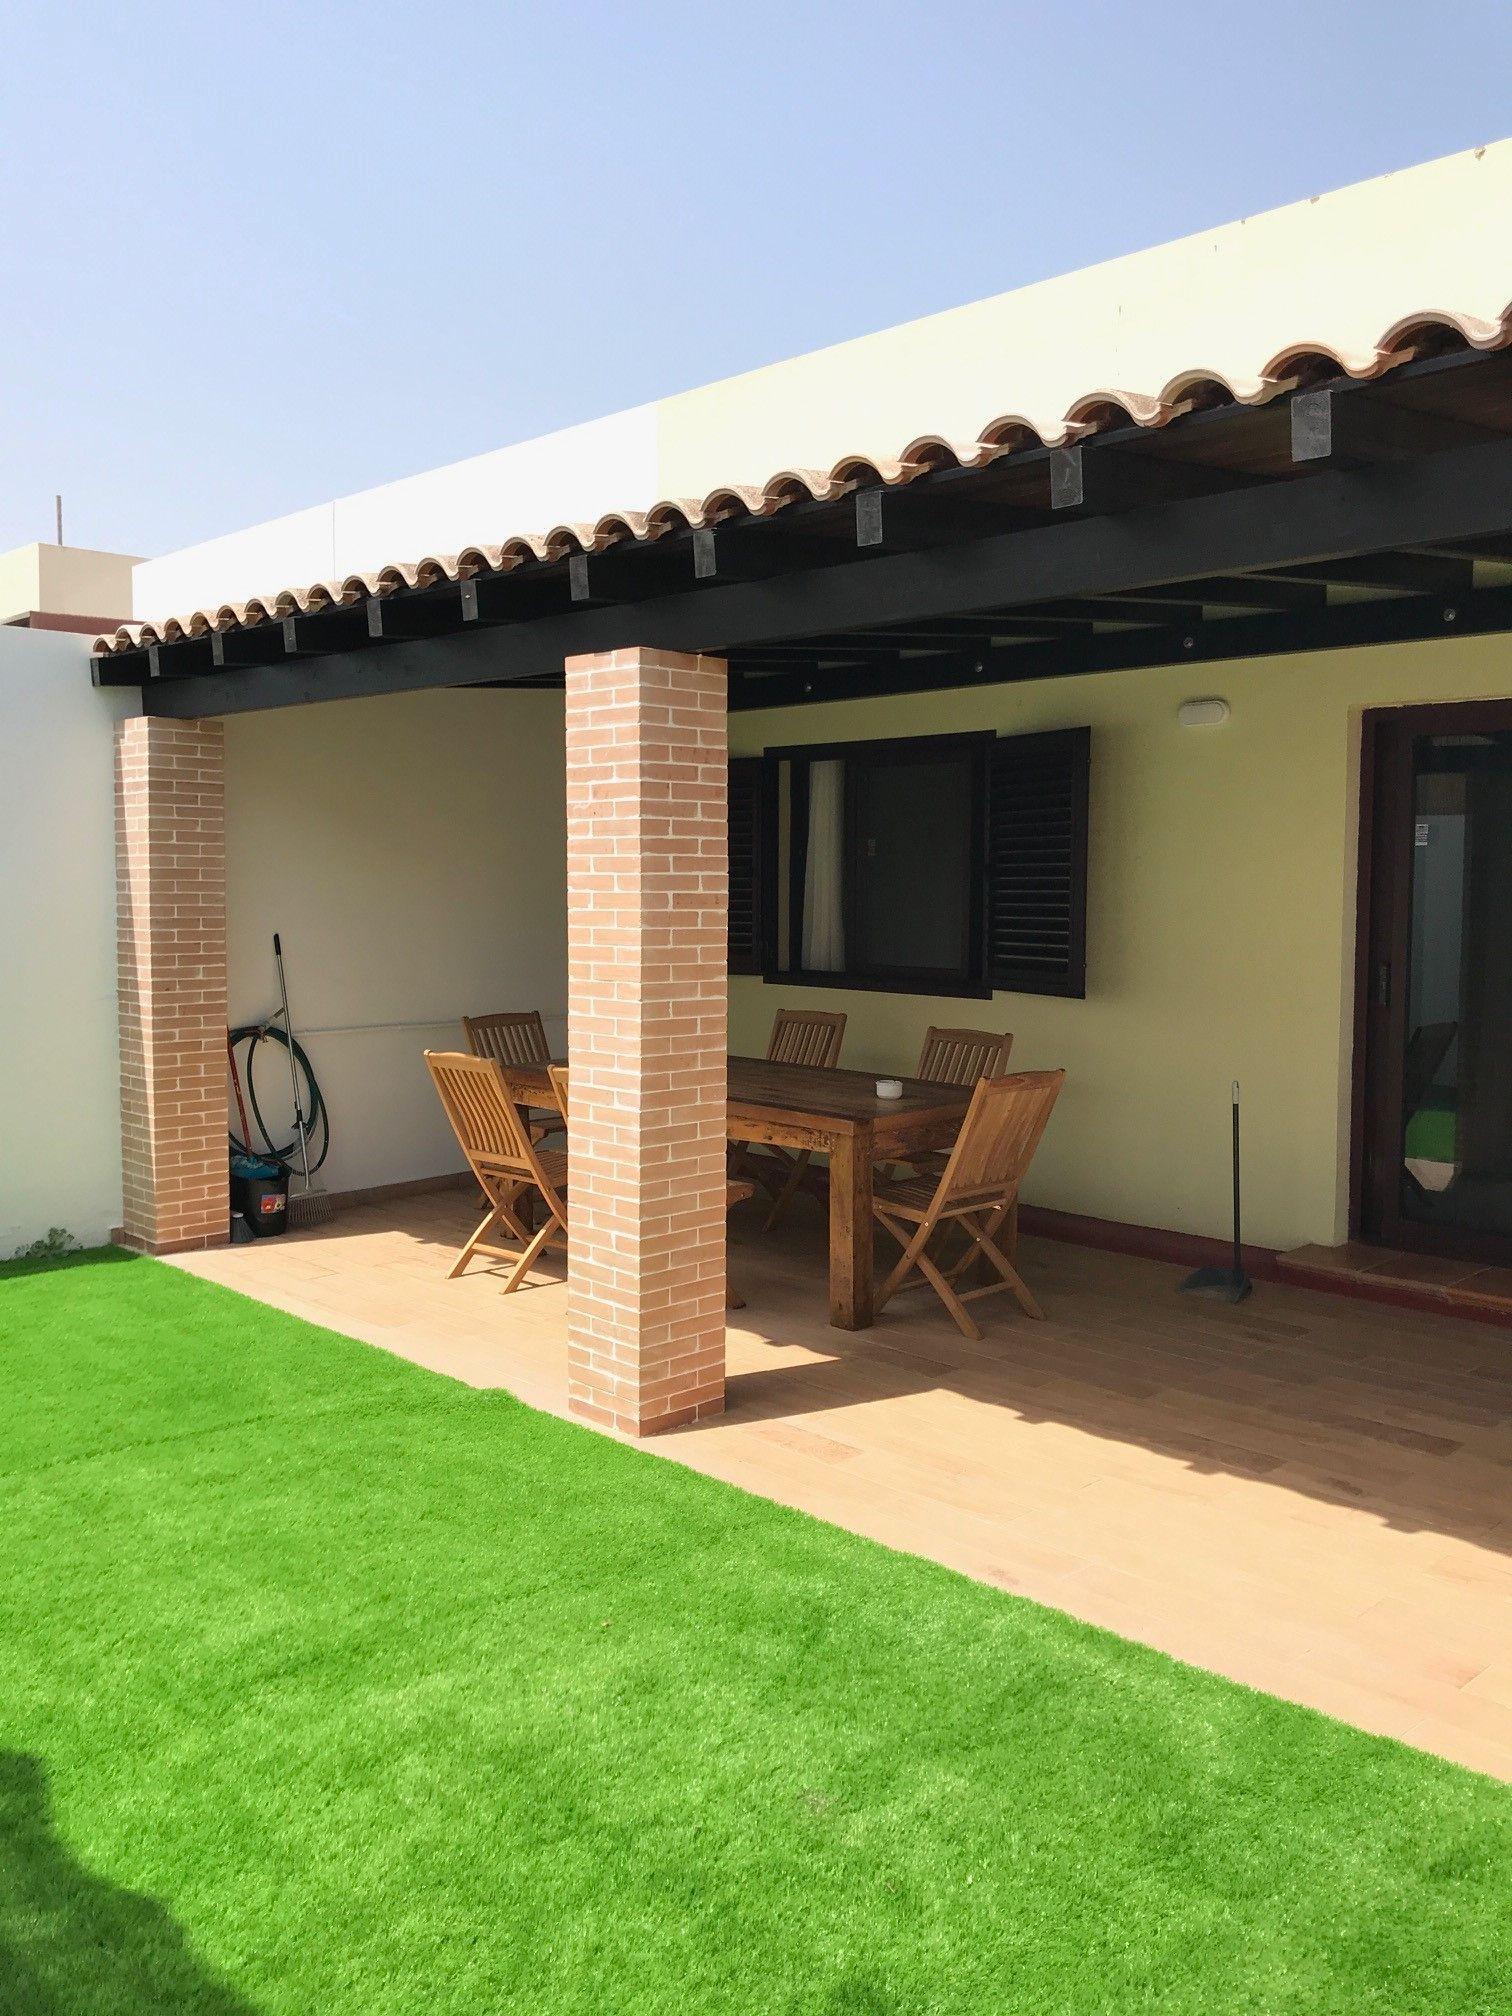 Casa / Chalet en Corralejo, Corralejo Parque Natural, venta